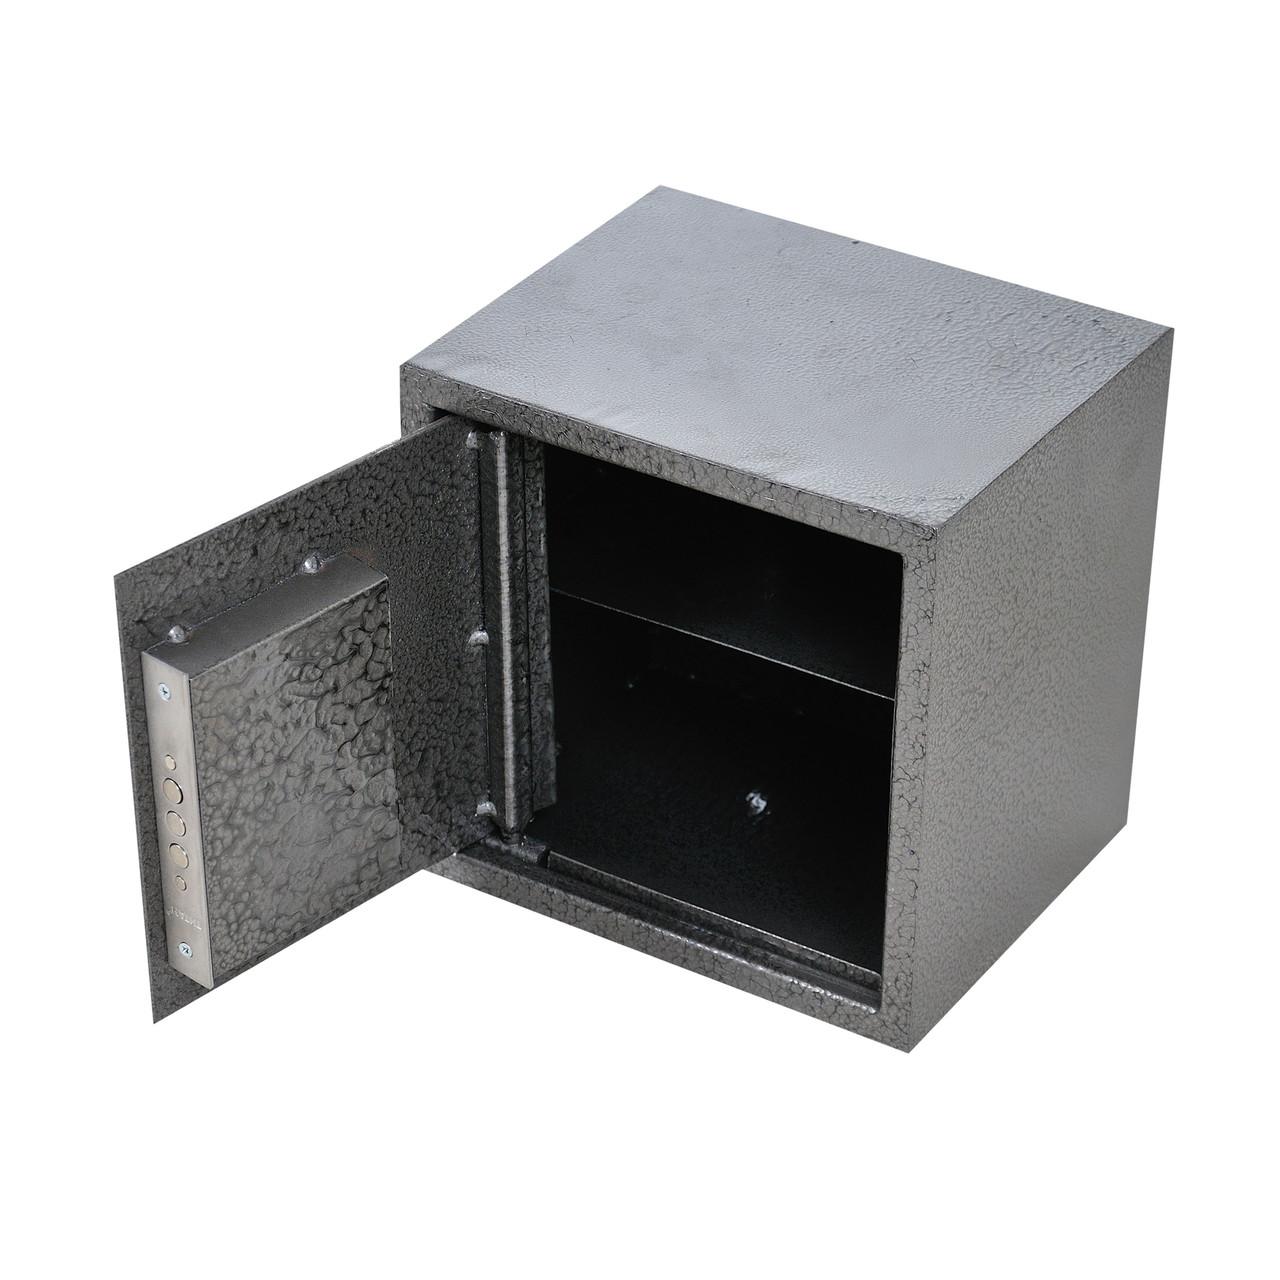 Сейф меблевий металевий для грошей паперів документів 25х25х20 см